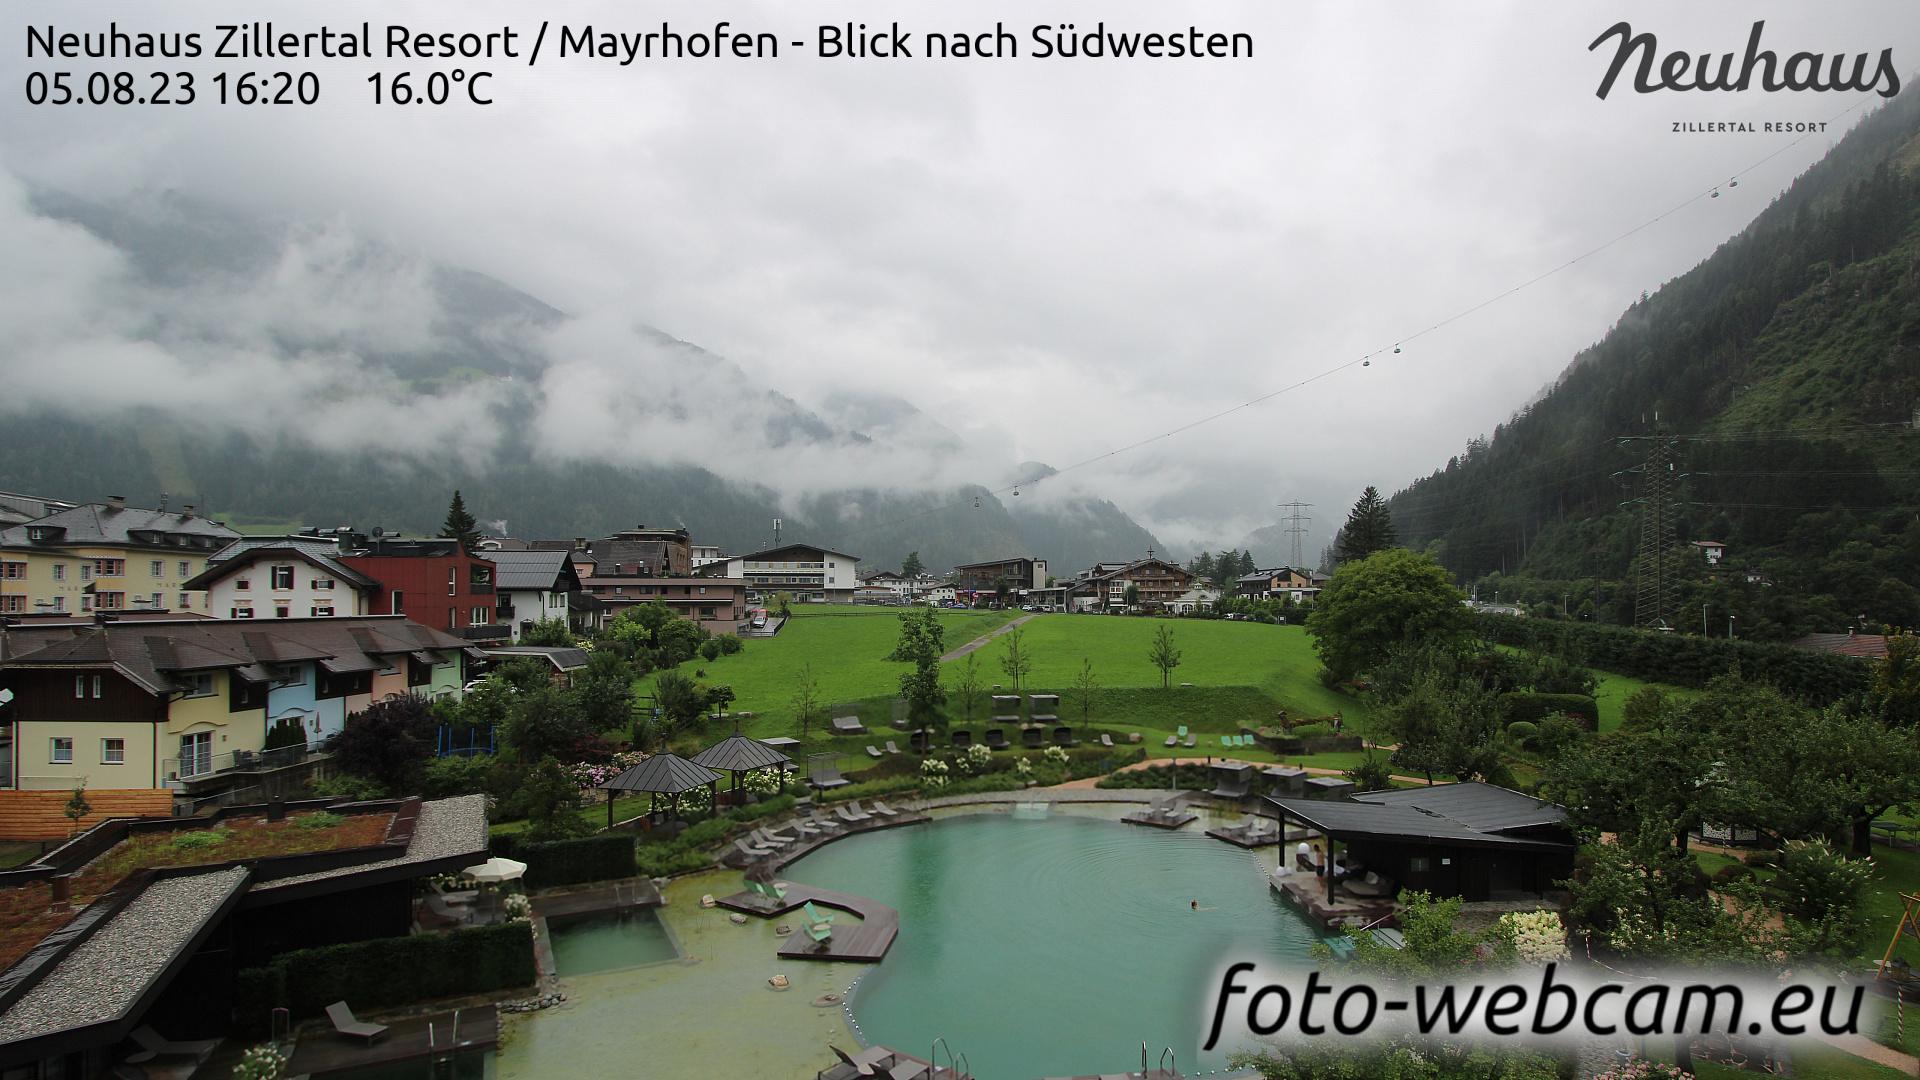 Mayrhofen Sun. 16:33